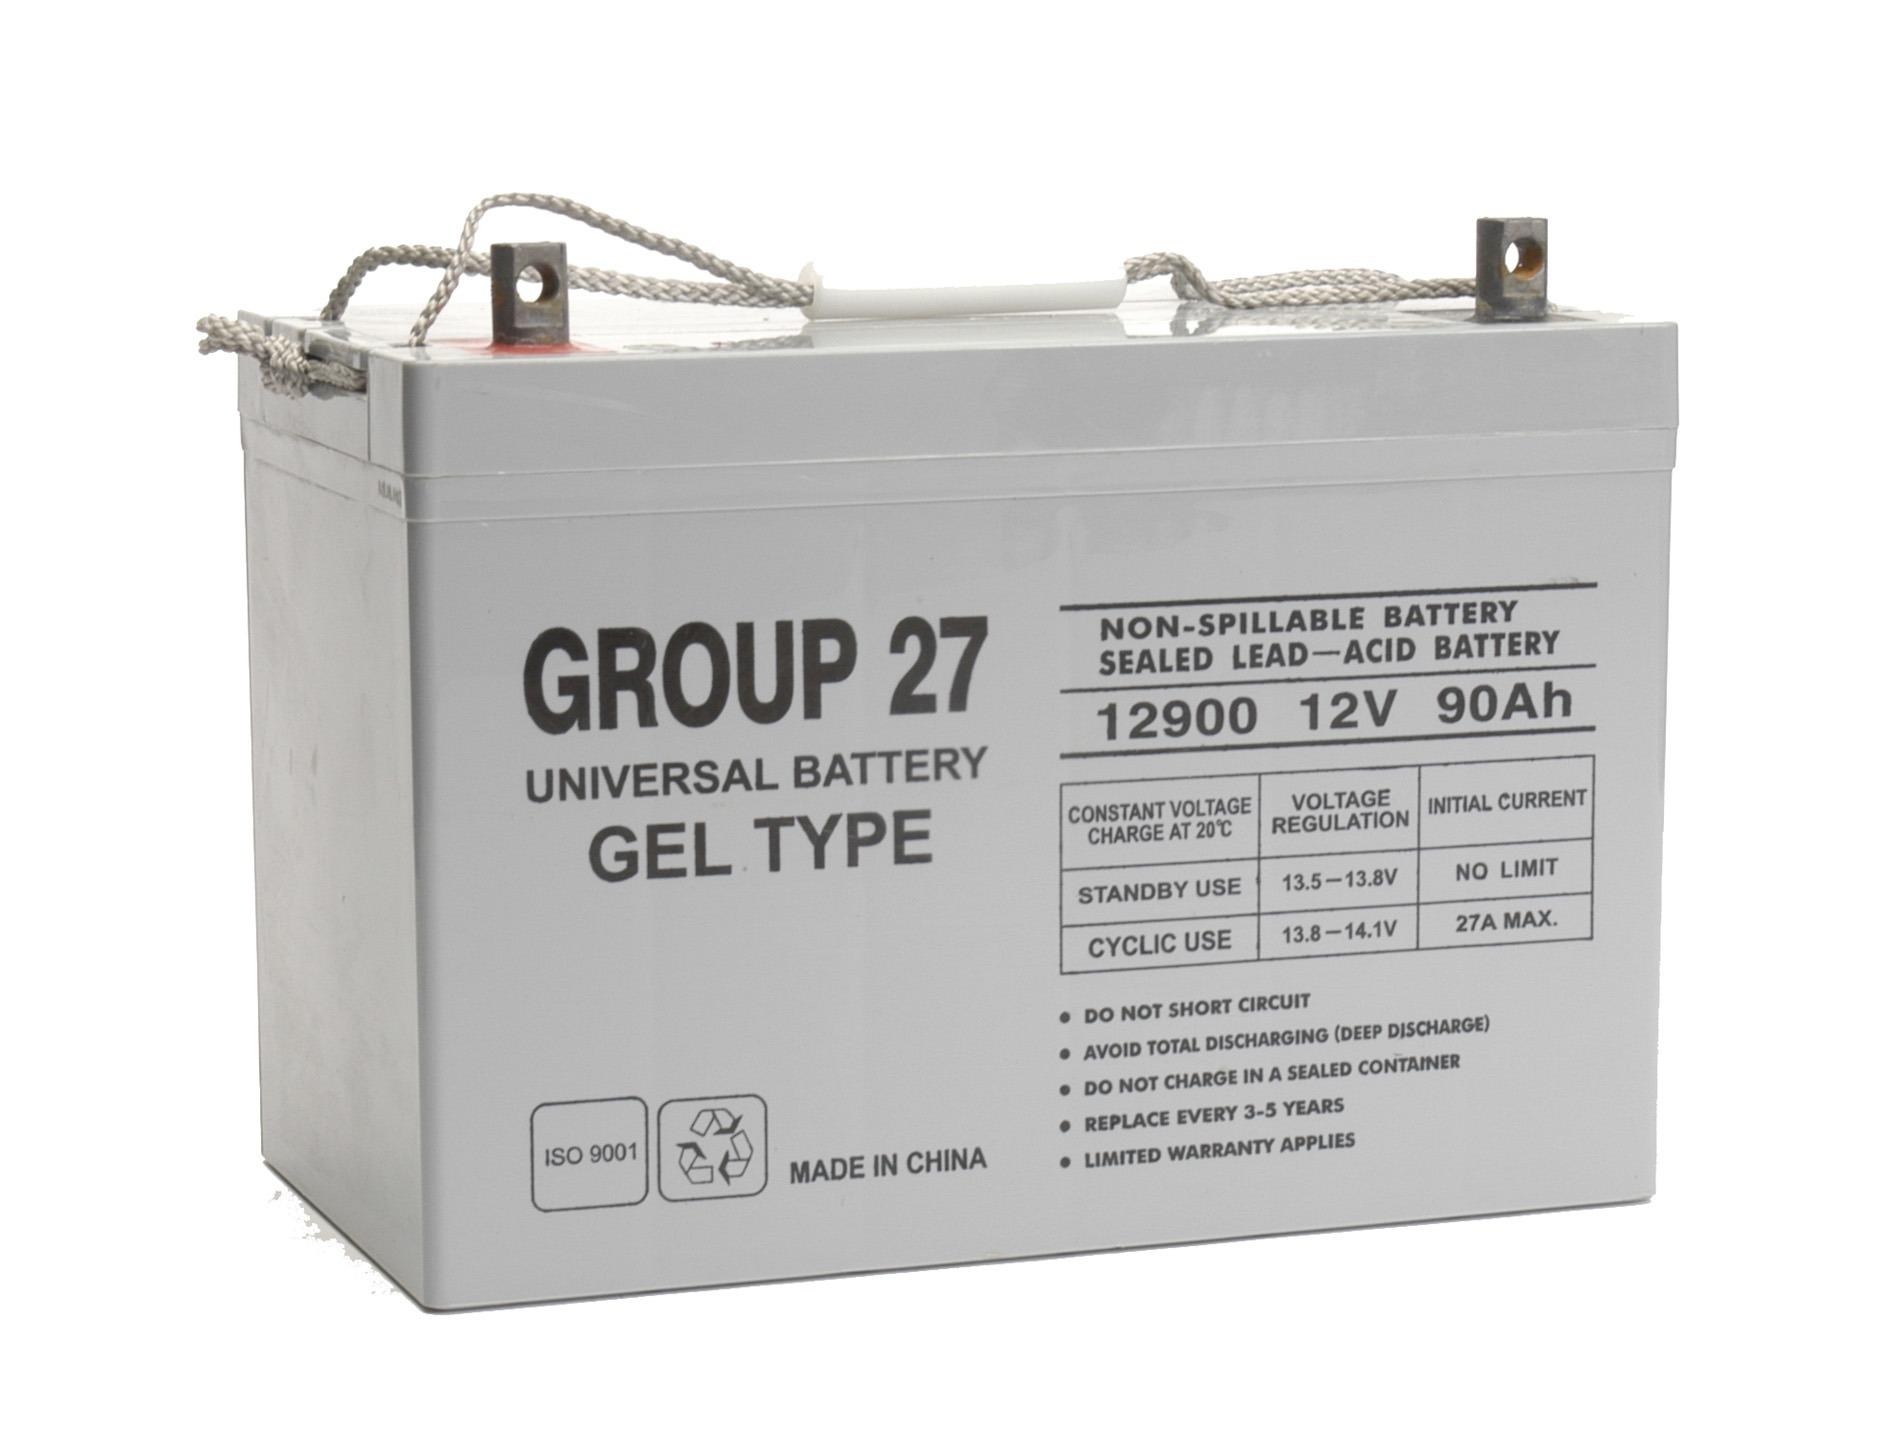 UB12900 (Group 27) 12v 90ah Gel Battery for Overlander PEV Power Wheelchair